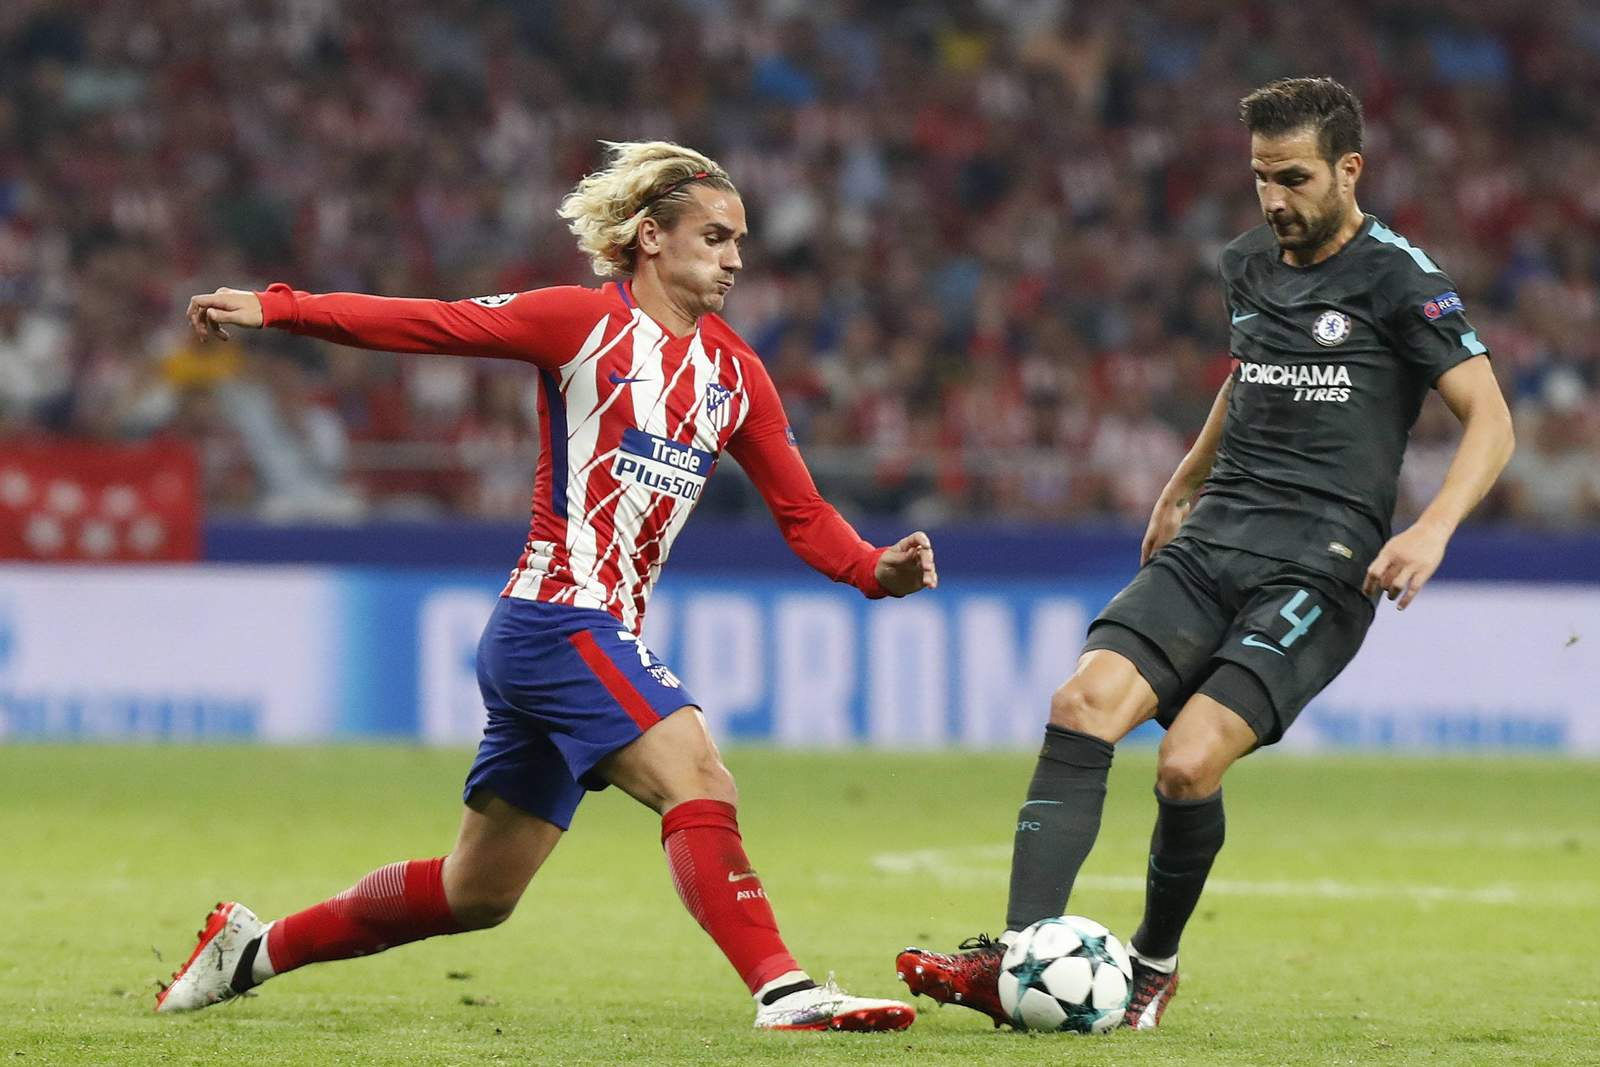 Setzt sich Griezmann gegen Fabregas durch? Unser Tipp: Chelsea gewinnt gegen Atletico